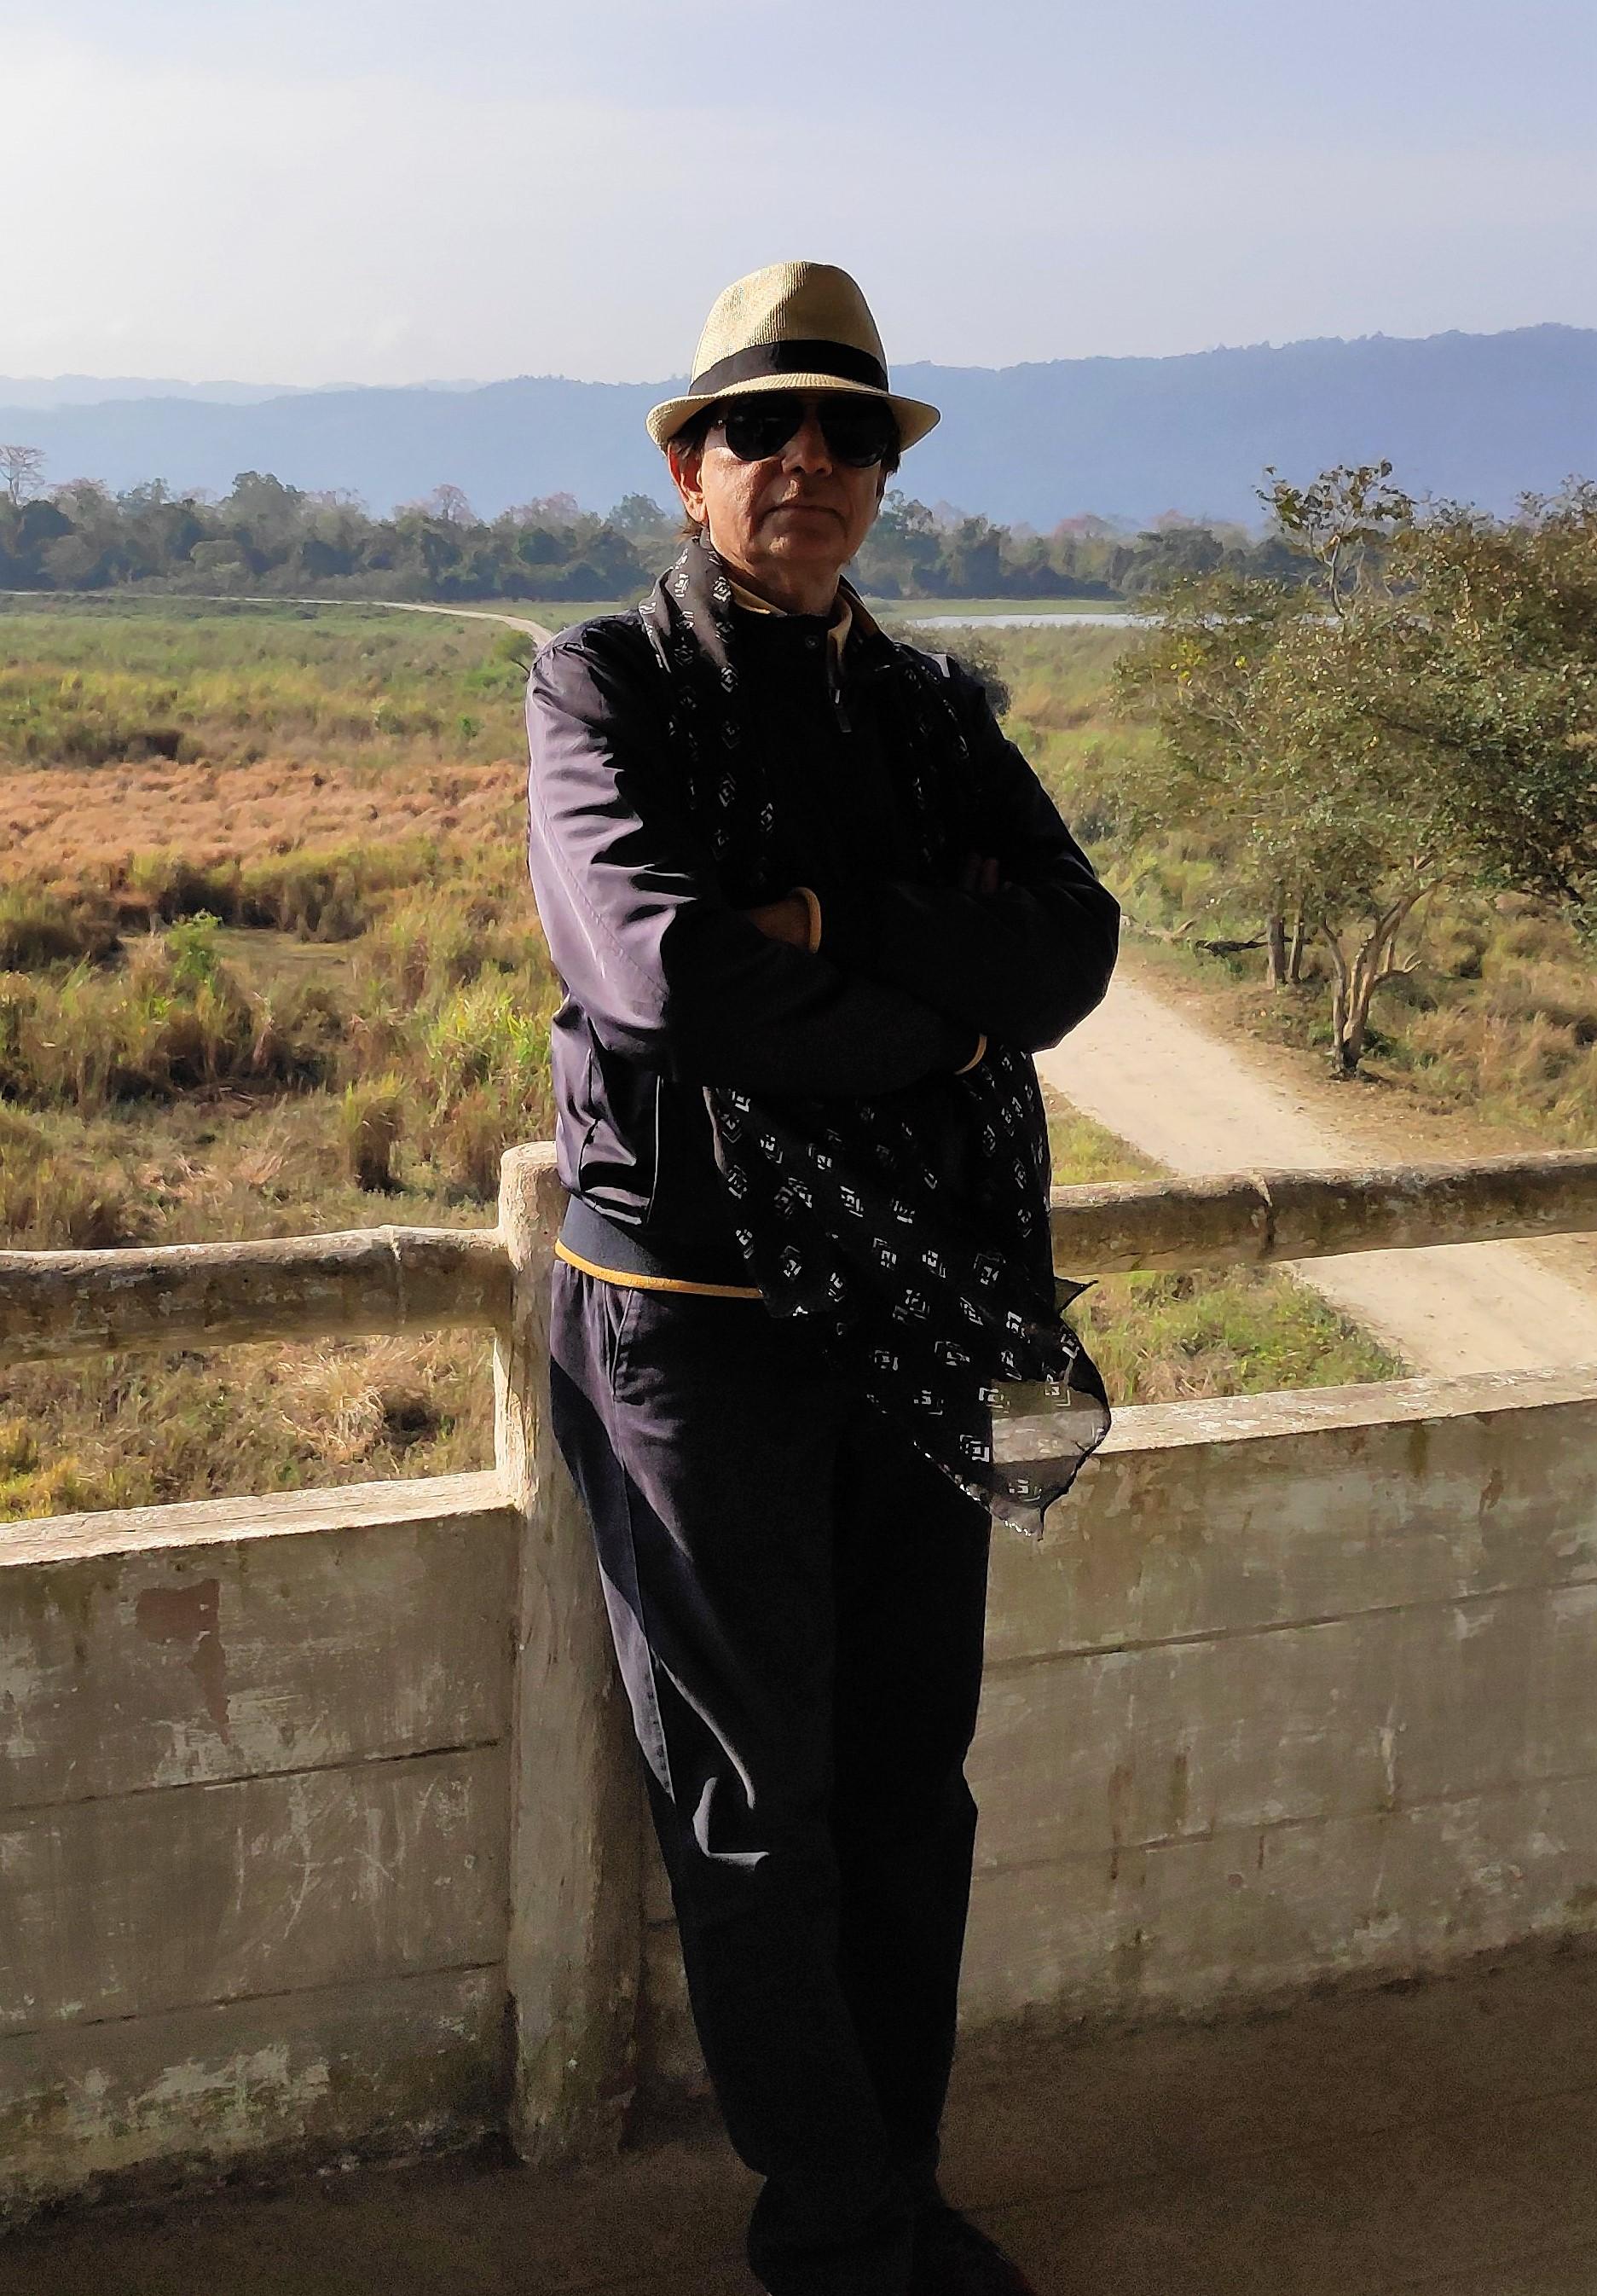 safari view 4